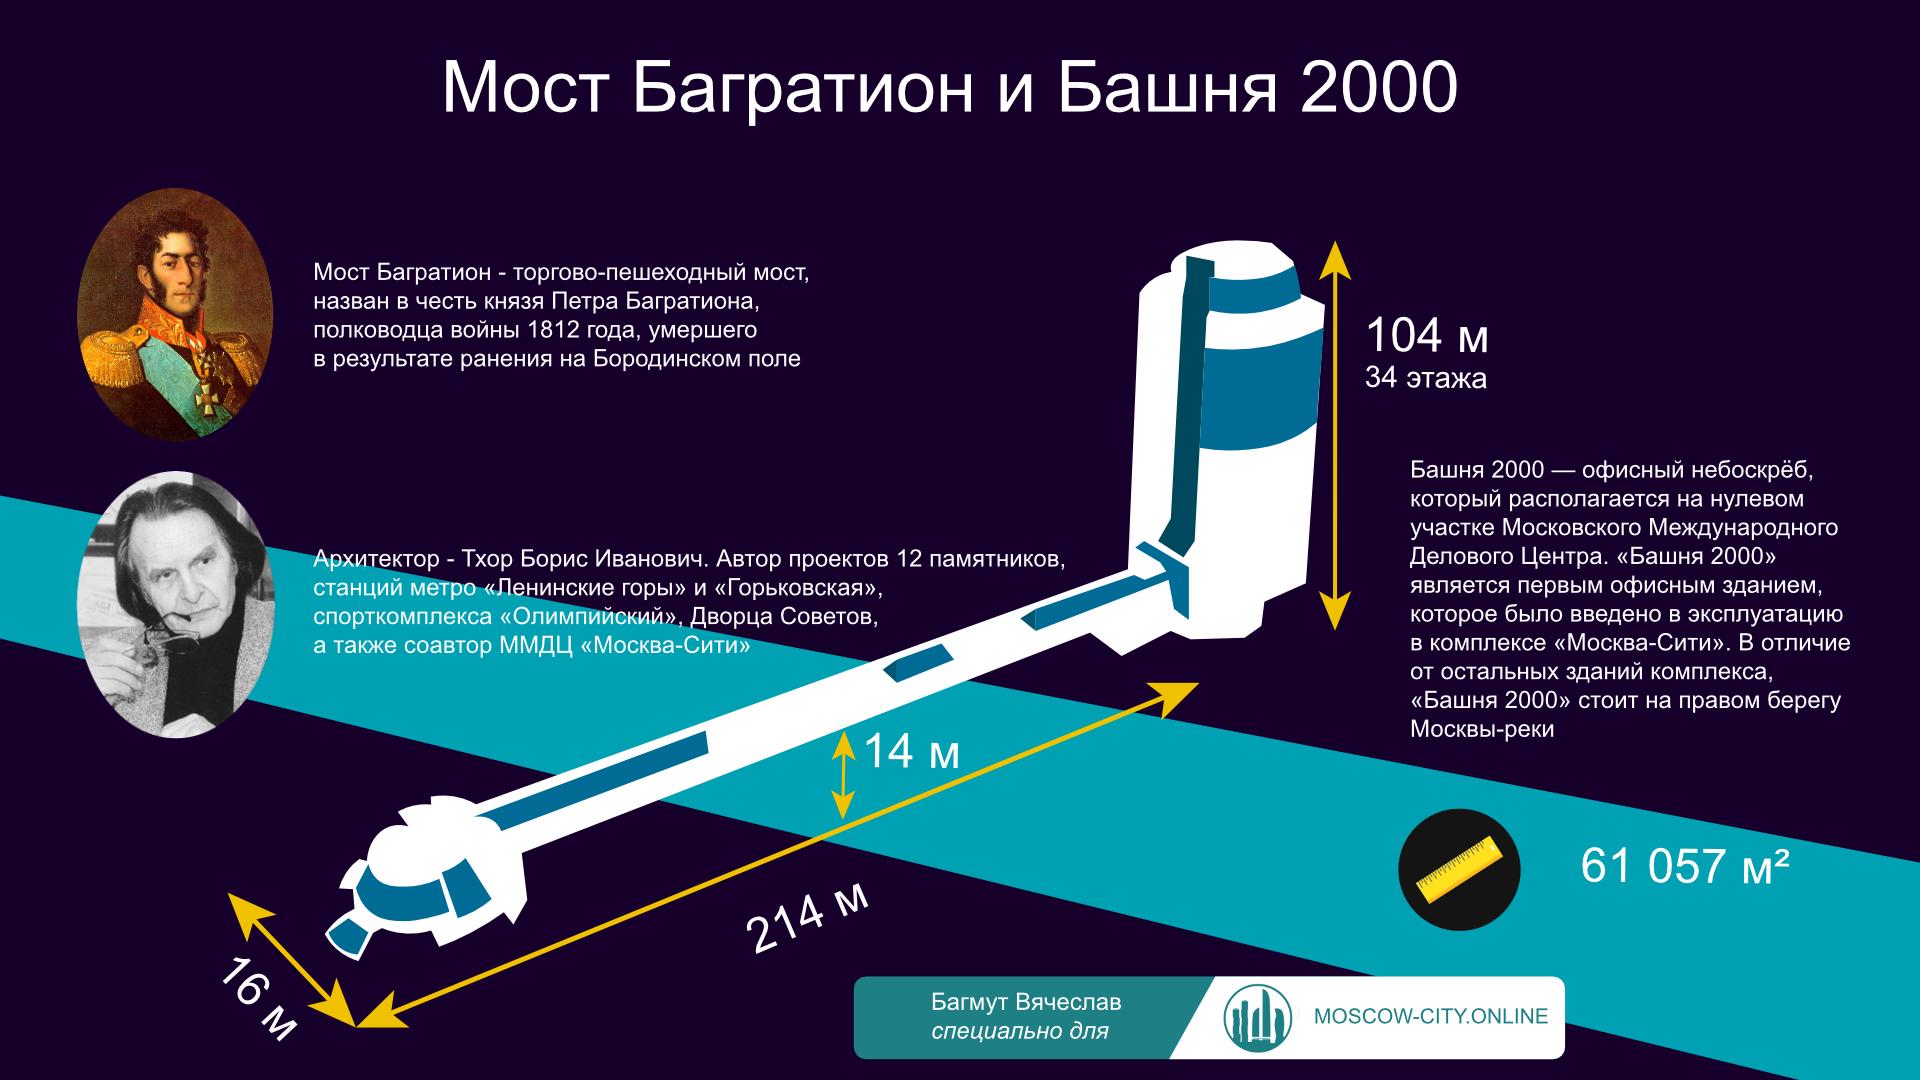 Инфографика о первом сооружении Москва-Сити.